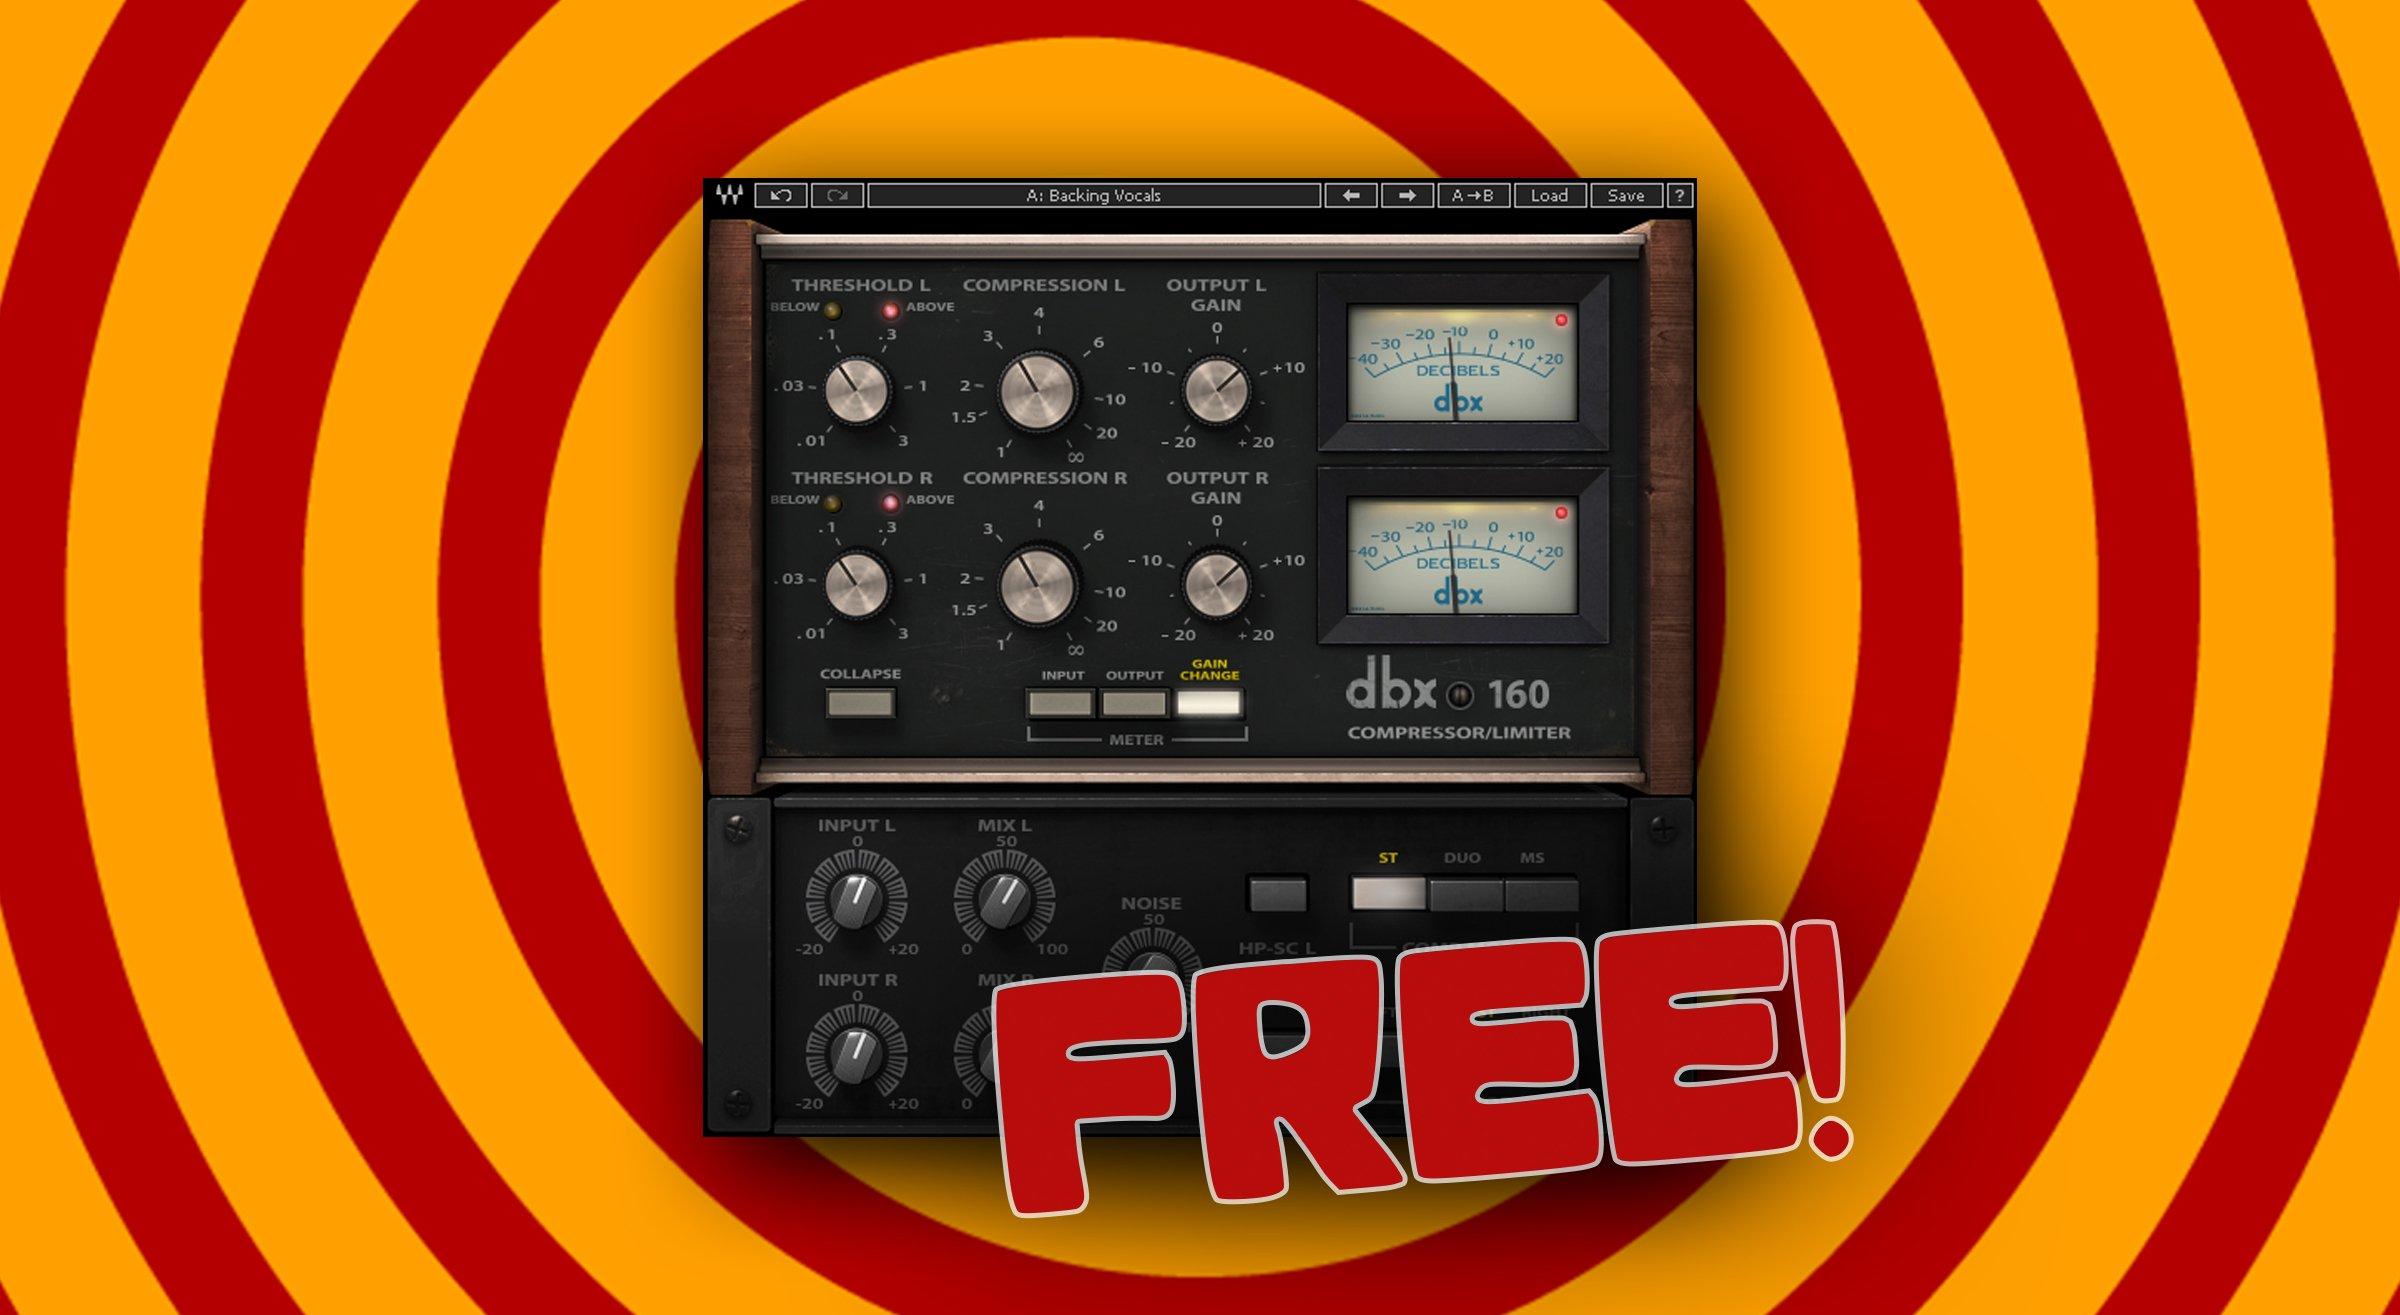 [ VST / Musikinstrumente / DAW ] Waves Audio dbx 160 Compressor Plugin